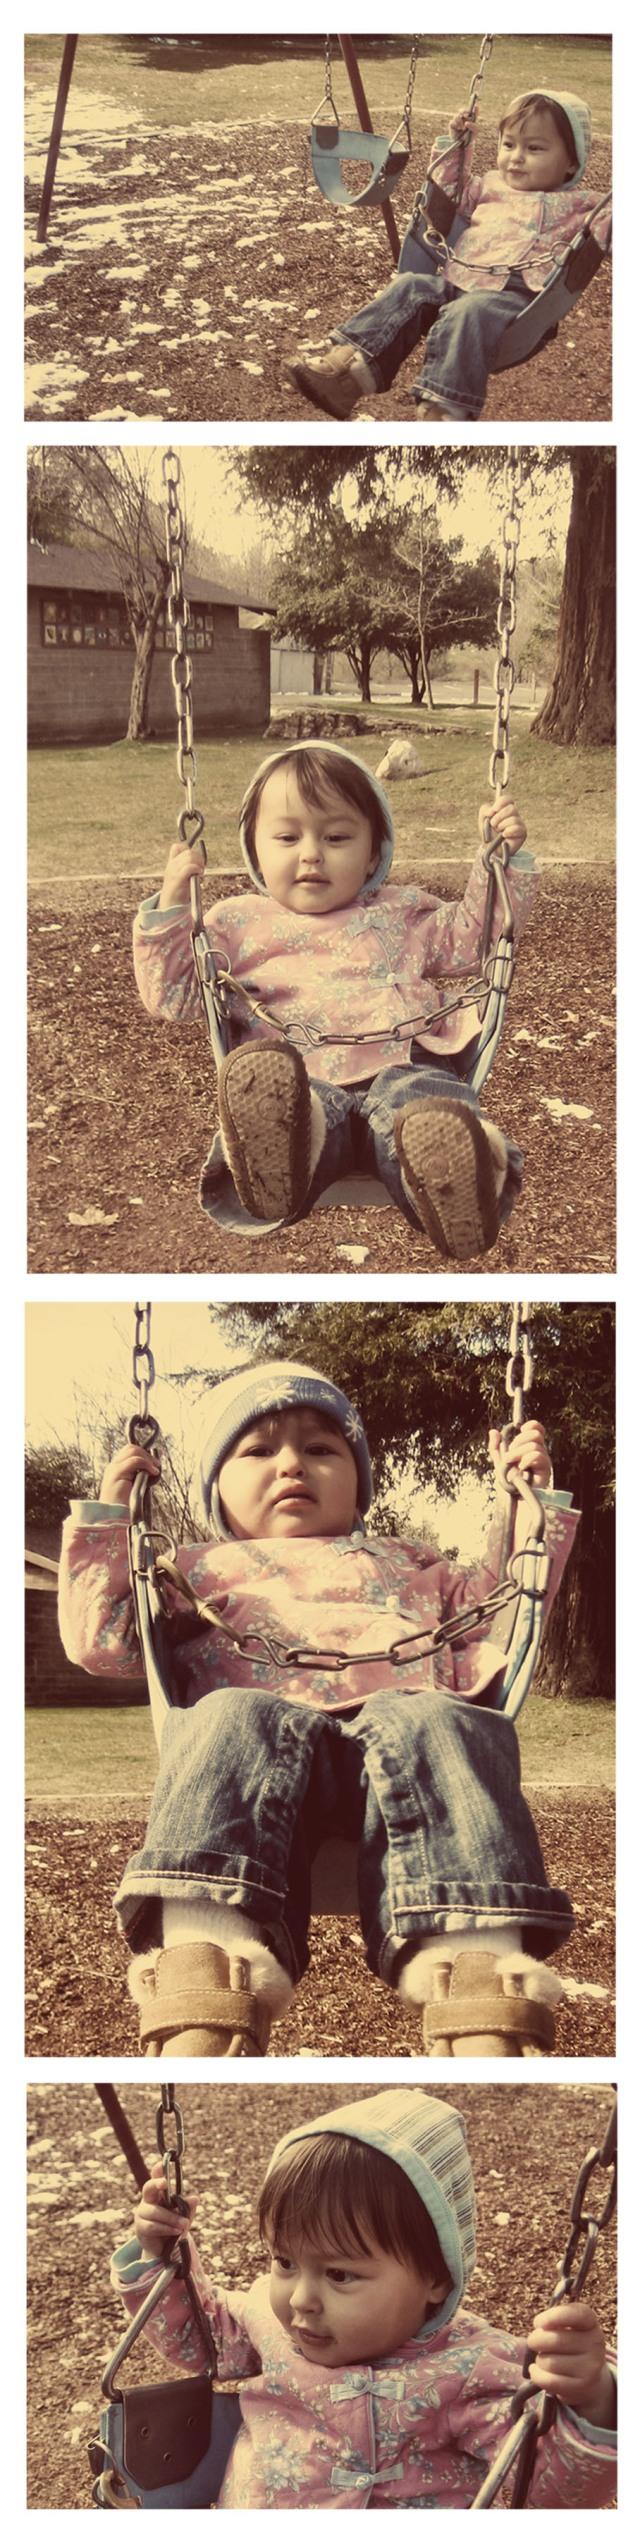 ade_swing